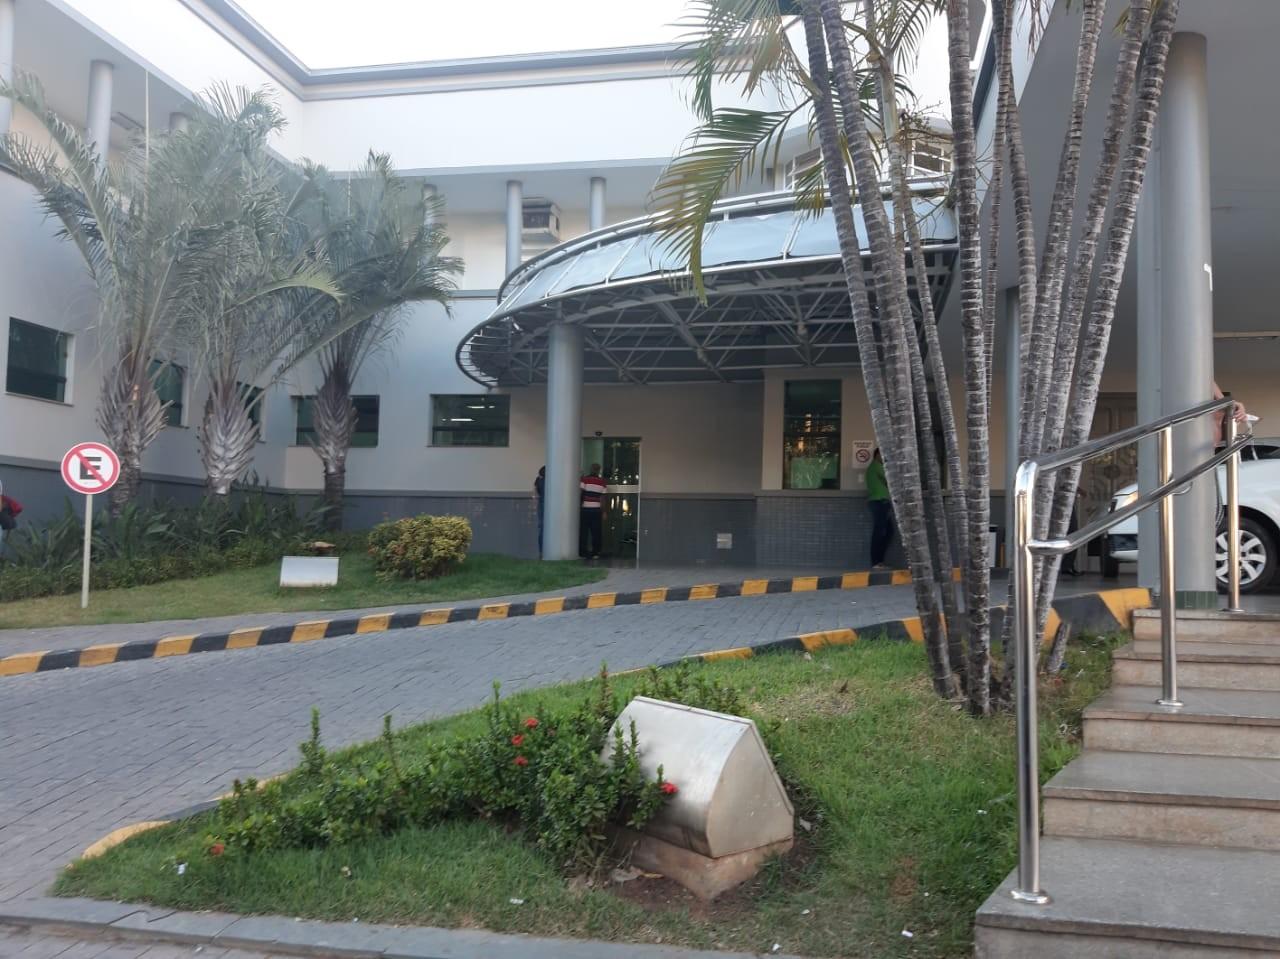 Dois hospitais de Montes Claros interrompem atendimentos após suspeitas de sarampo - Notícias - Plantão Diário